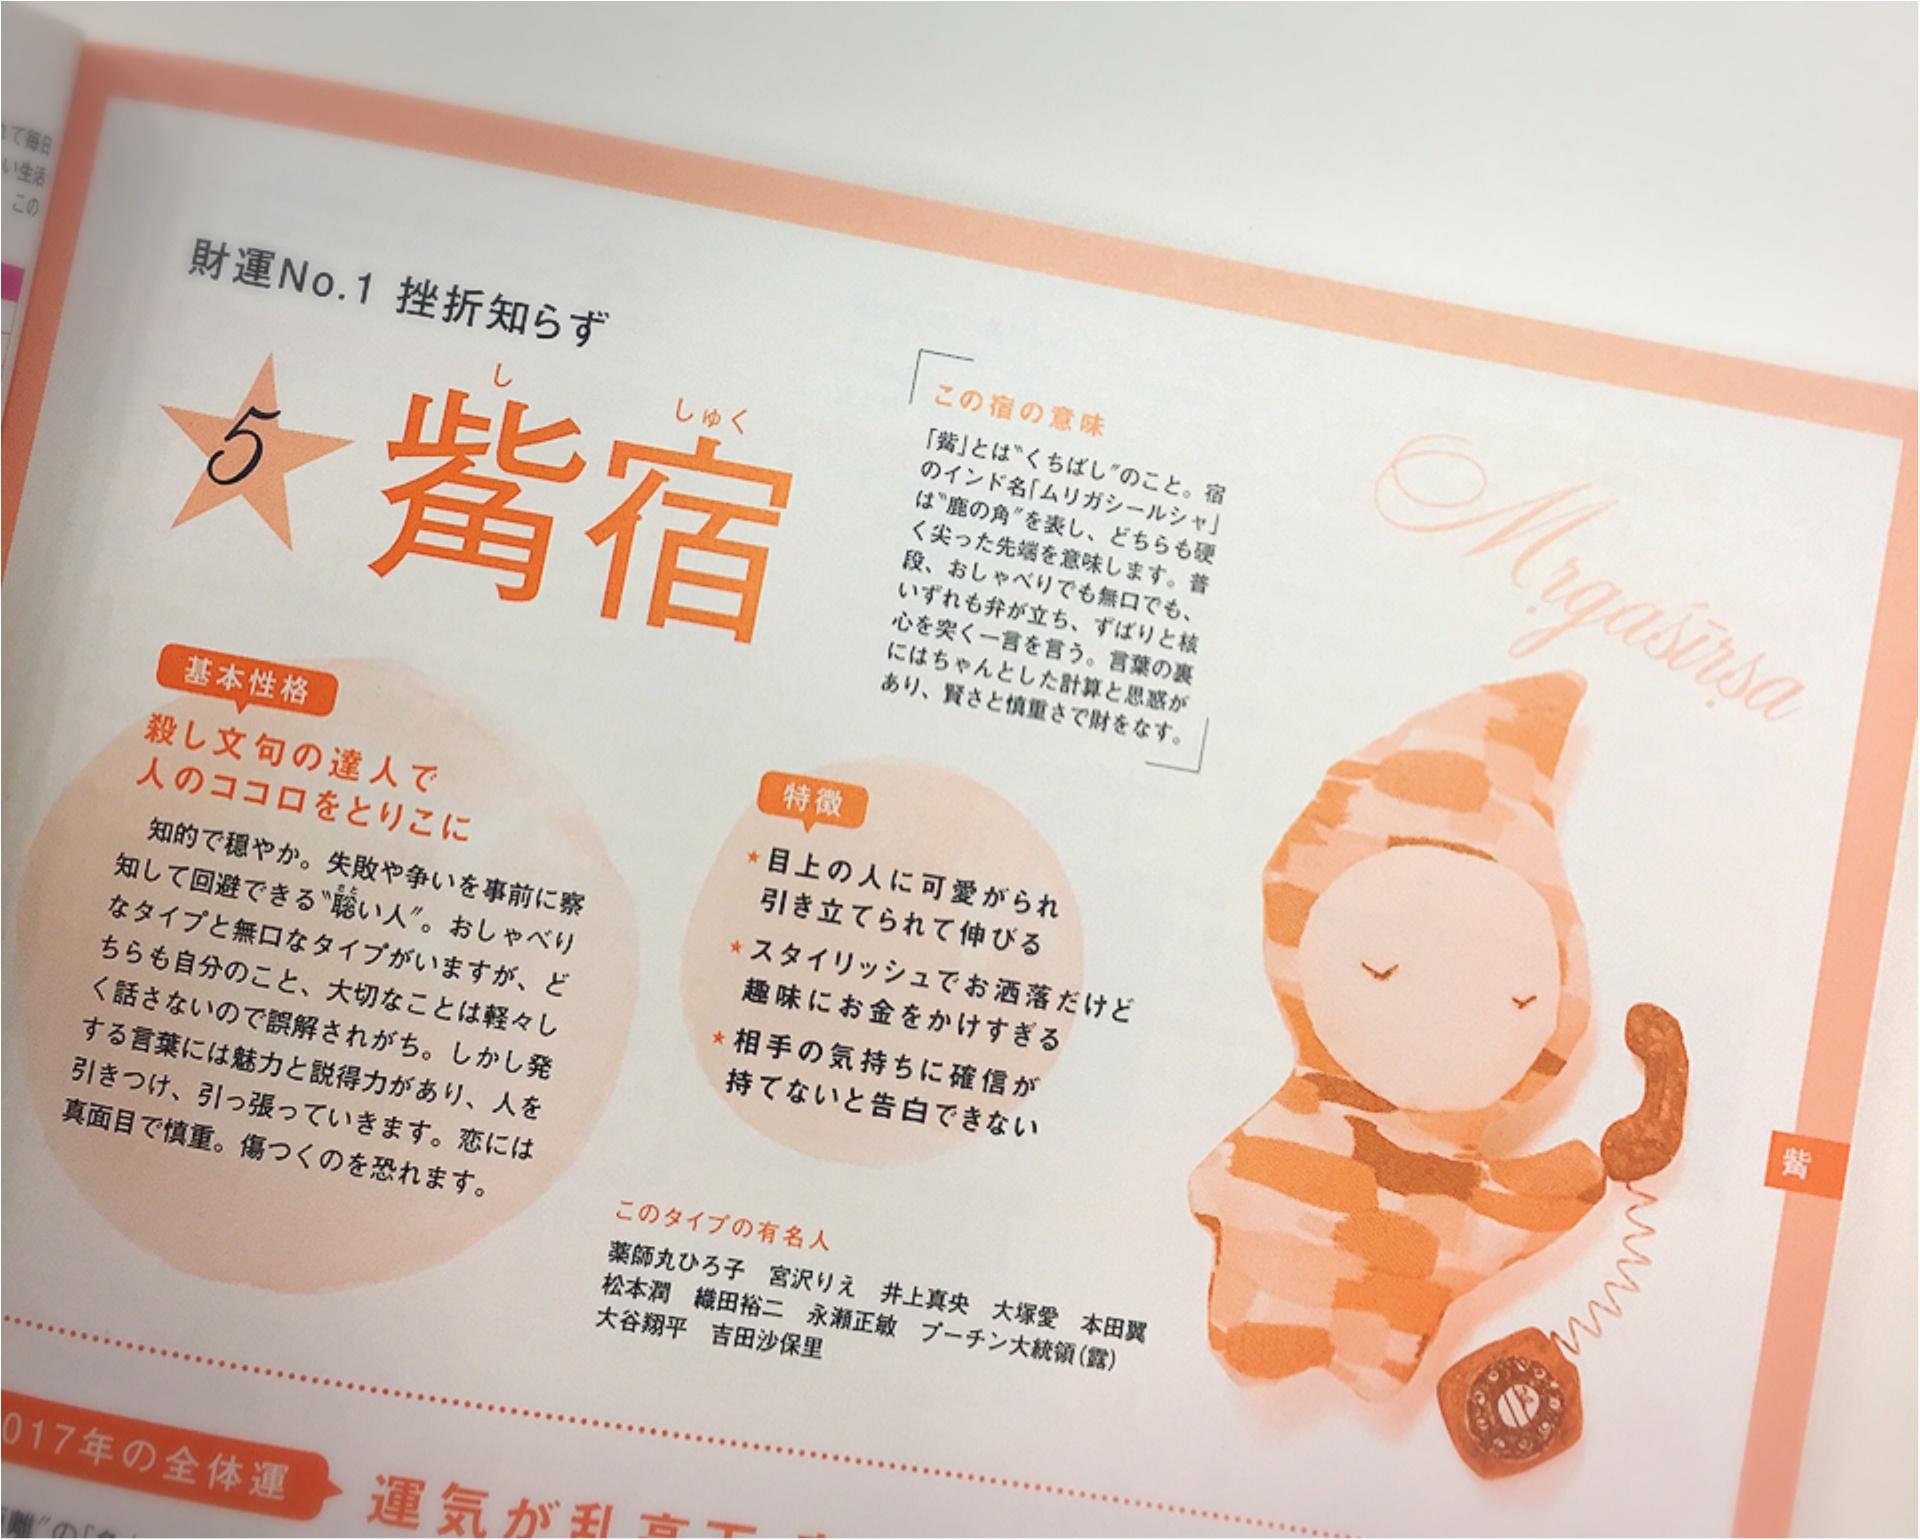 水晶玉子さんの『オリエンタル占星術』、2017年に幸運をつかむための必読書です!_2